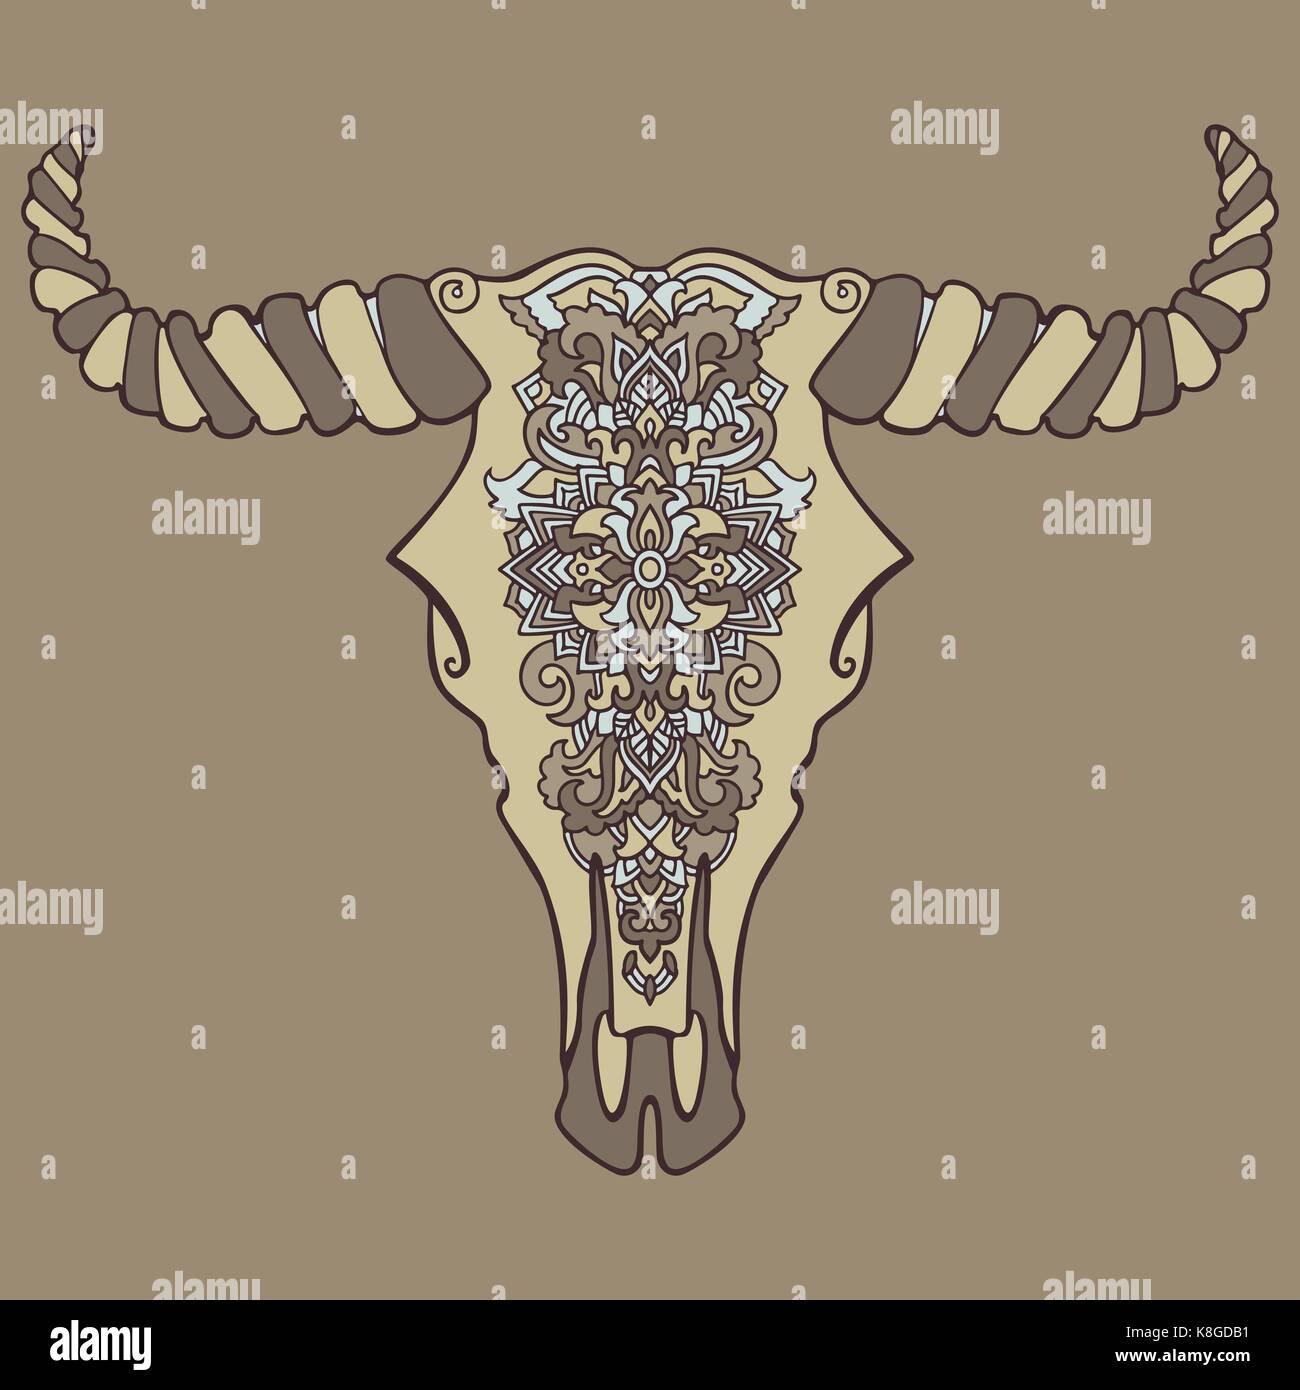 Mandala Estilo Tatuaje Cabeza De Vaca Muerta Ornamento Decorativo - Mandalas-indios